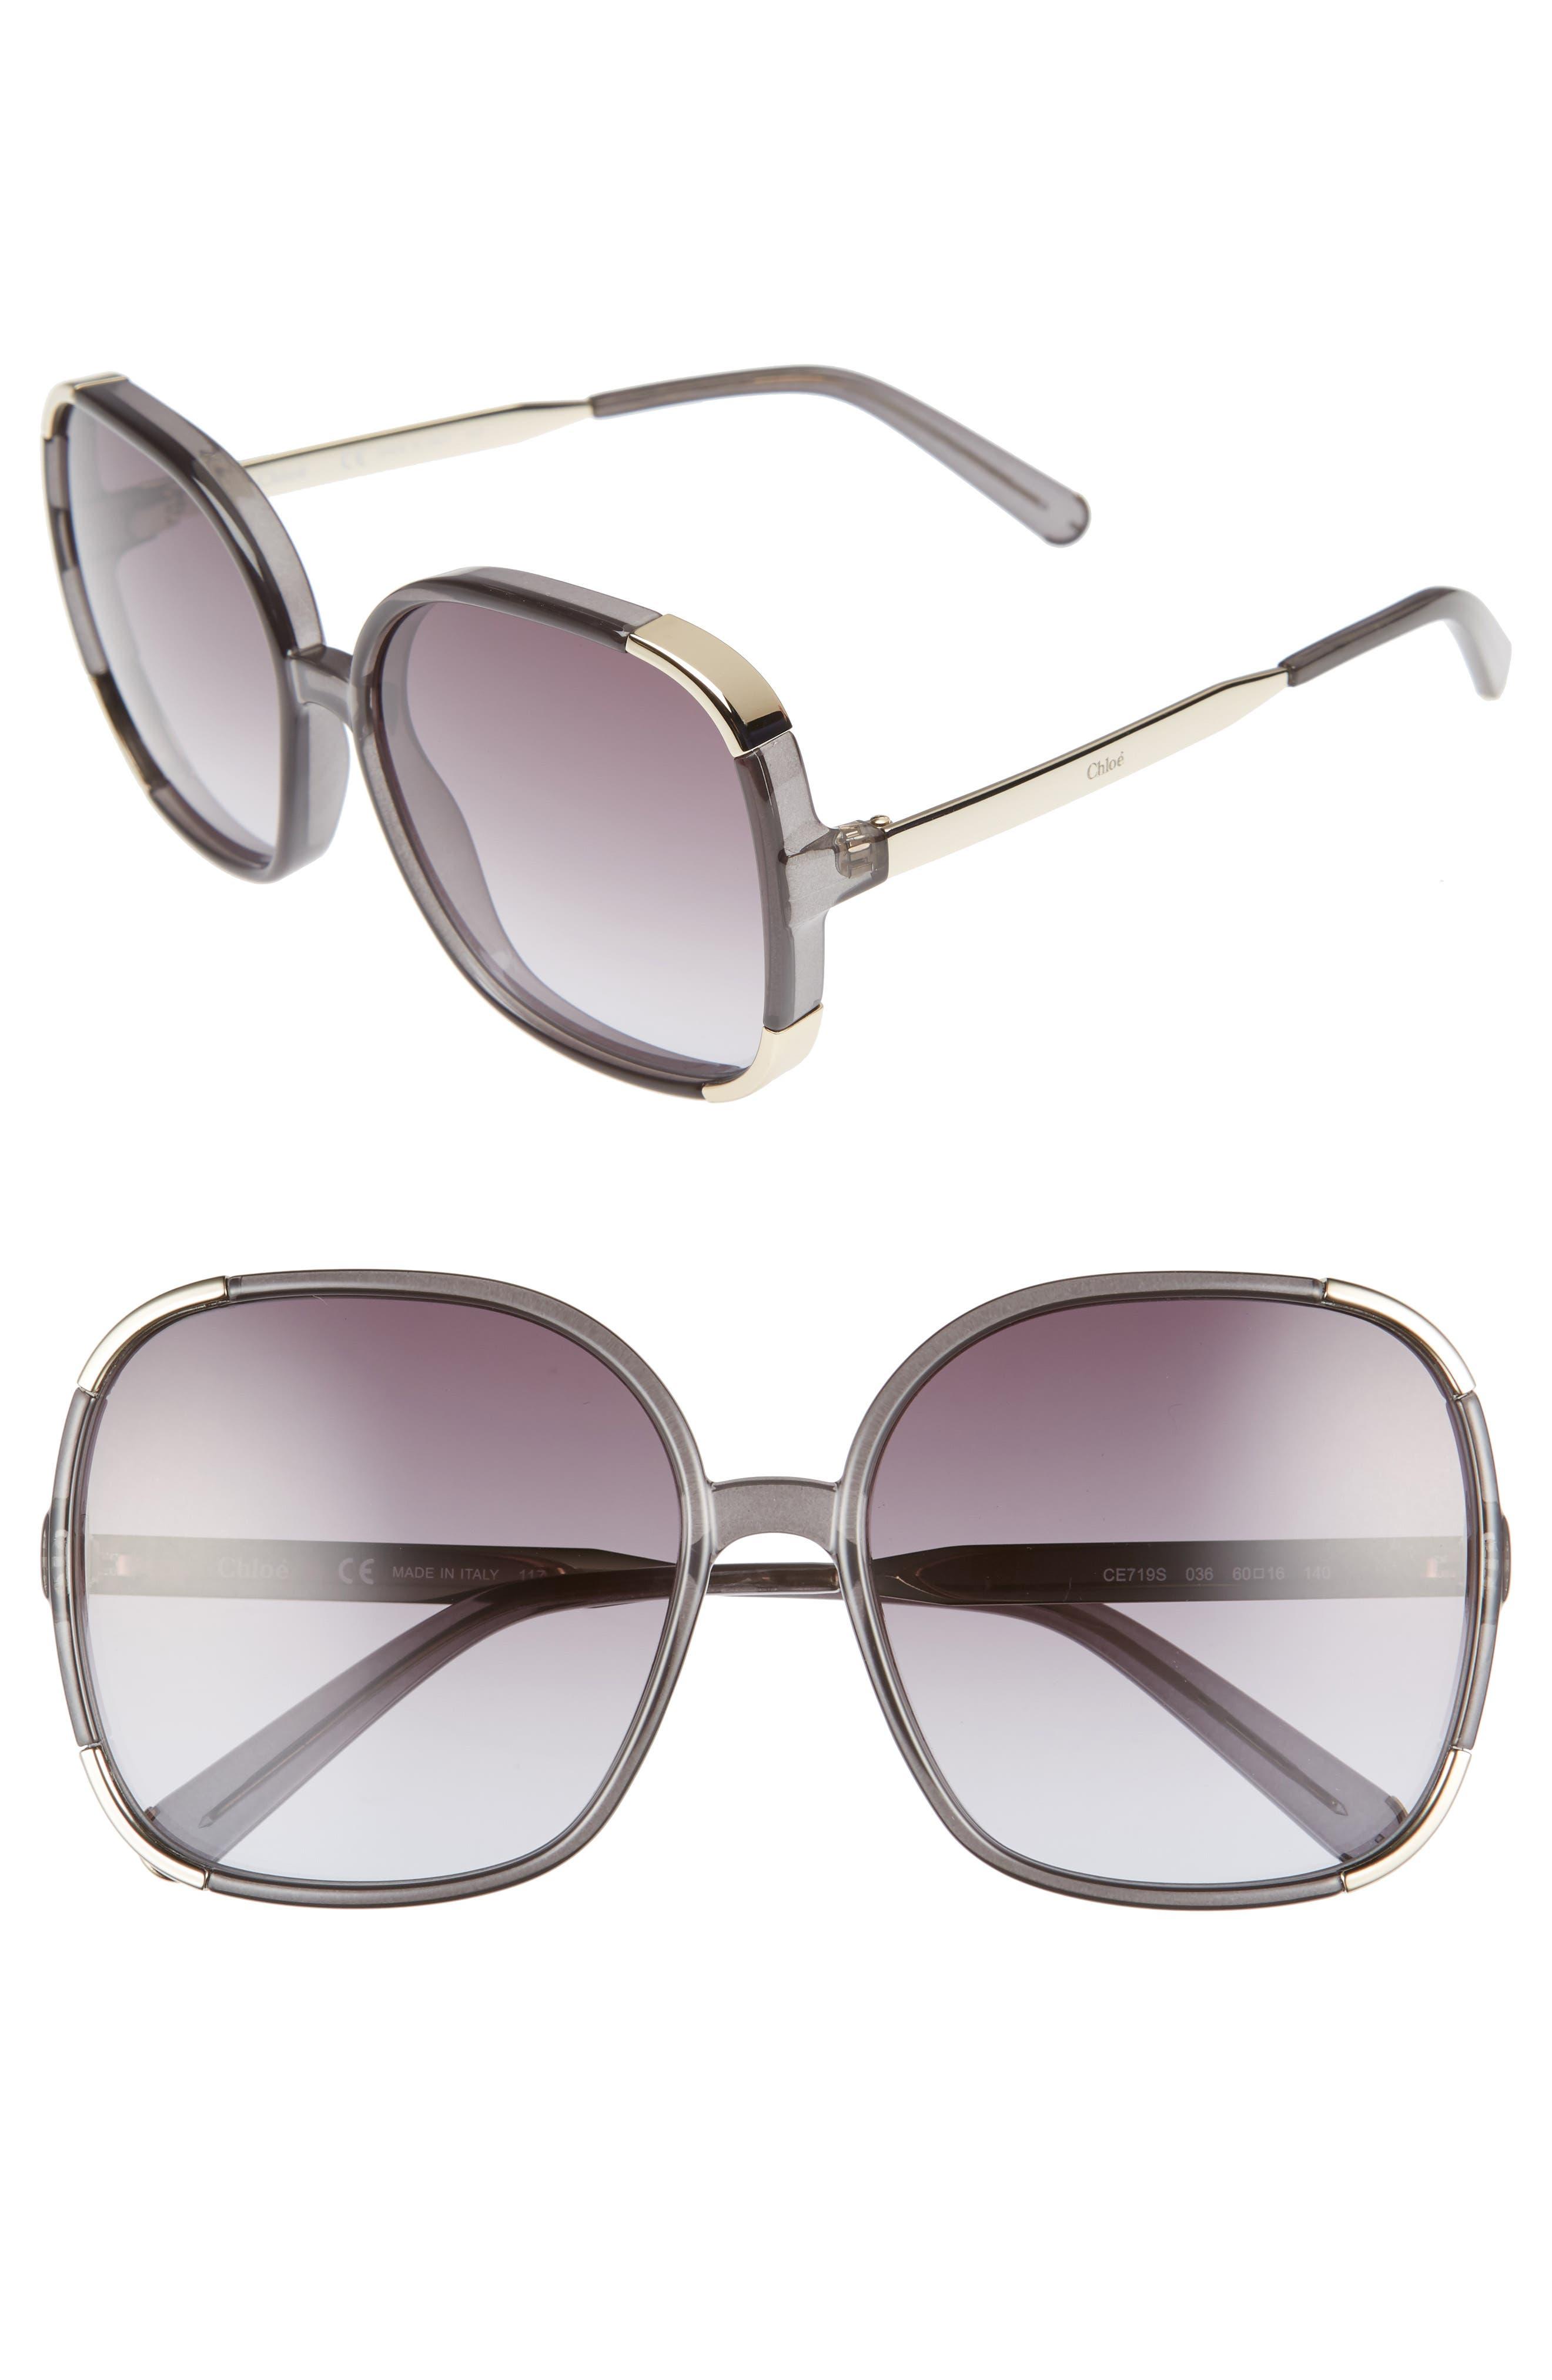 Main Image - Chloé Myrte 61mm Gradient Lens Square Sunglasses